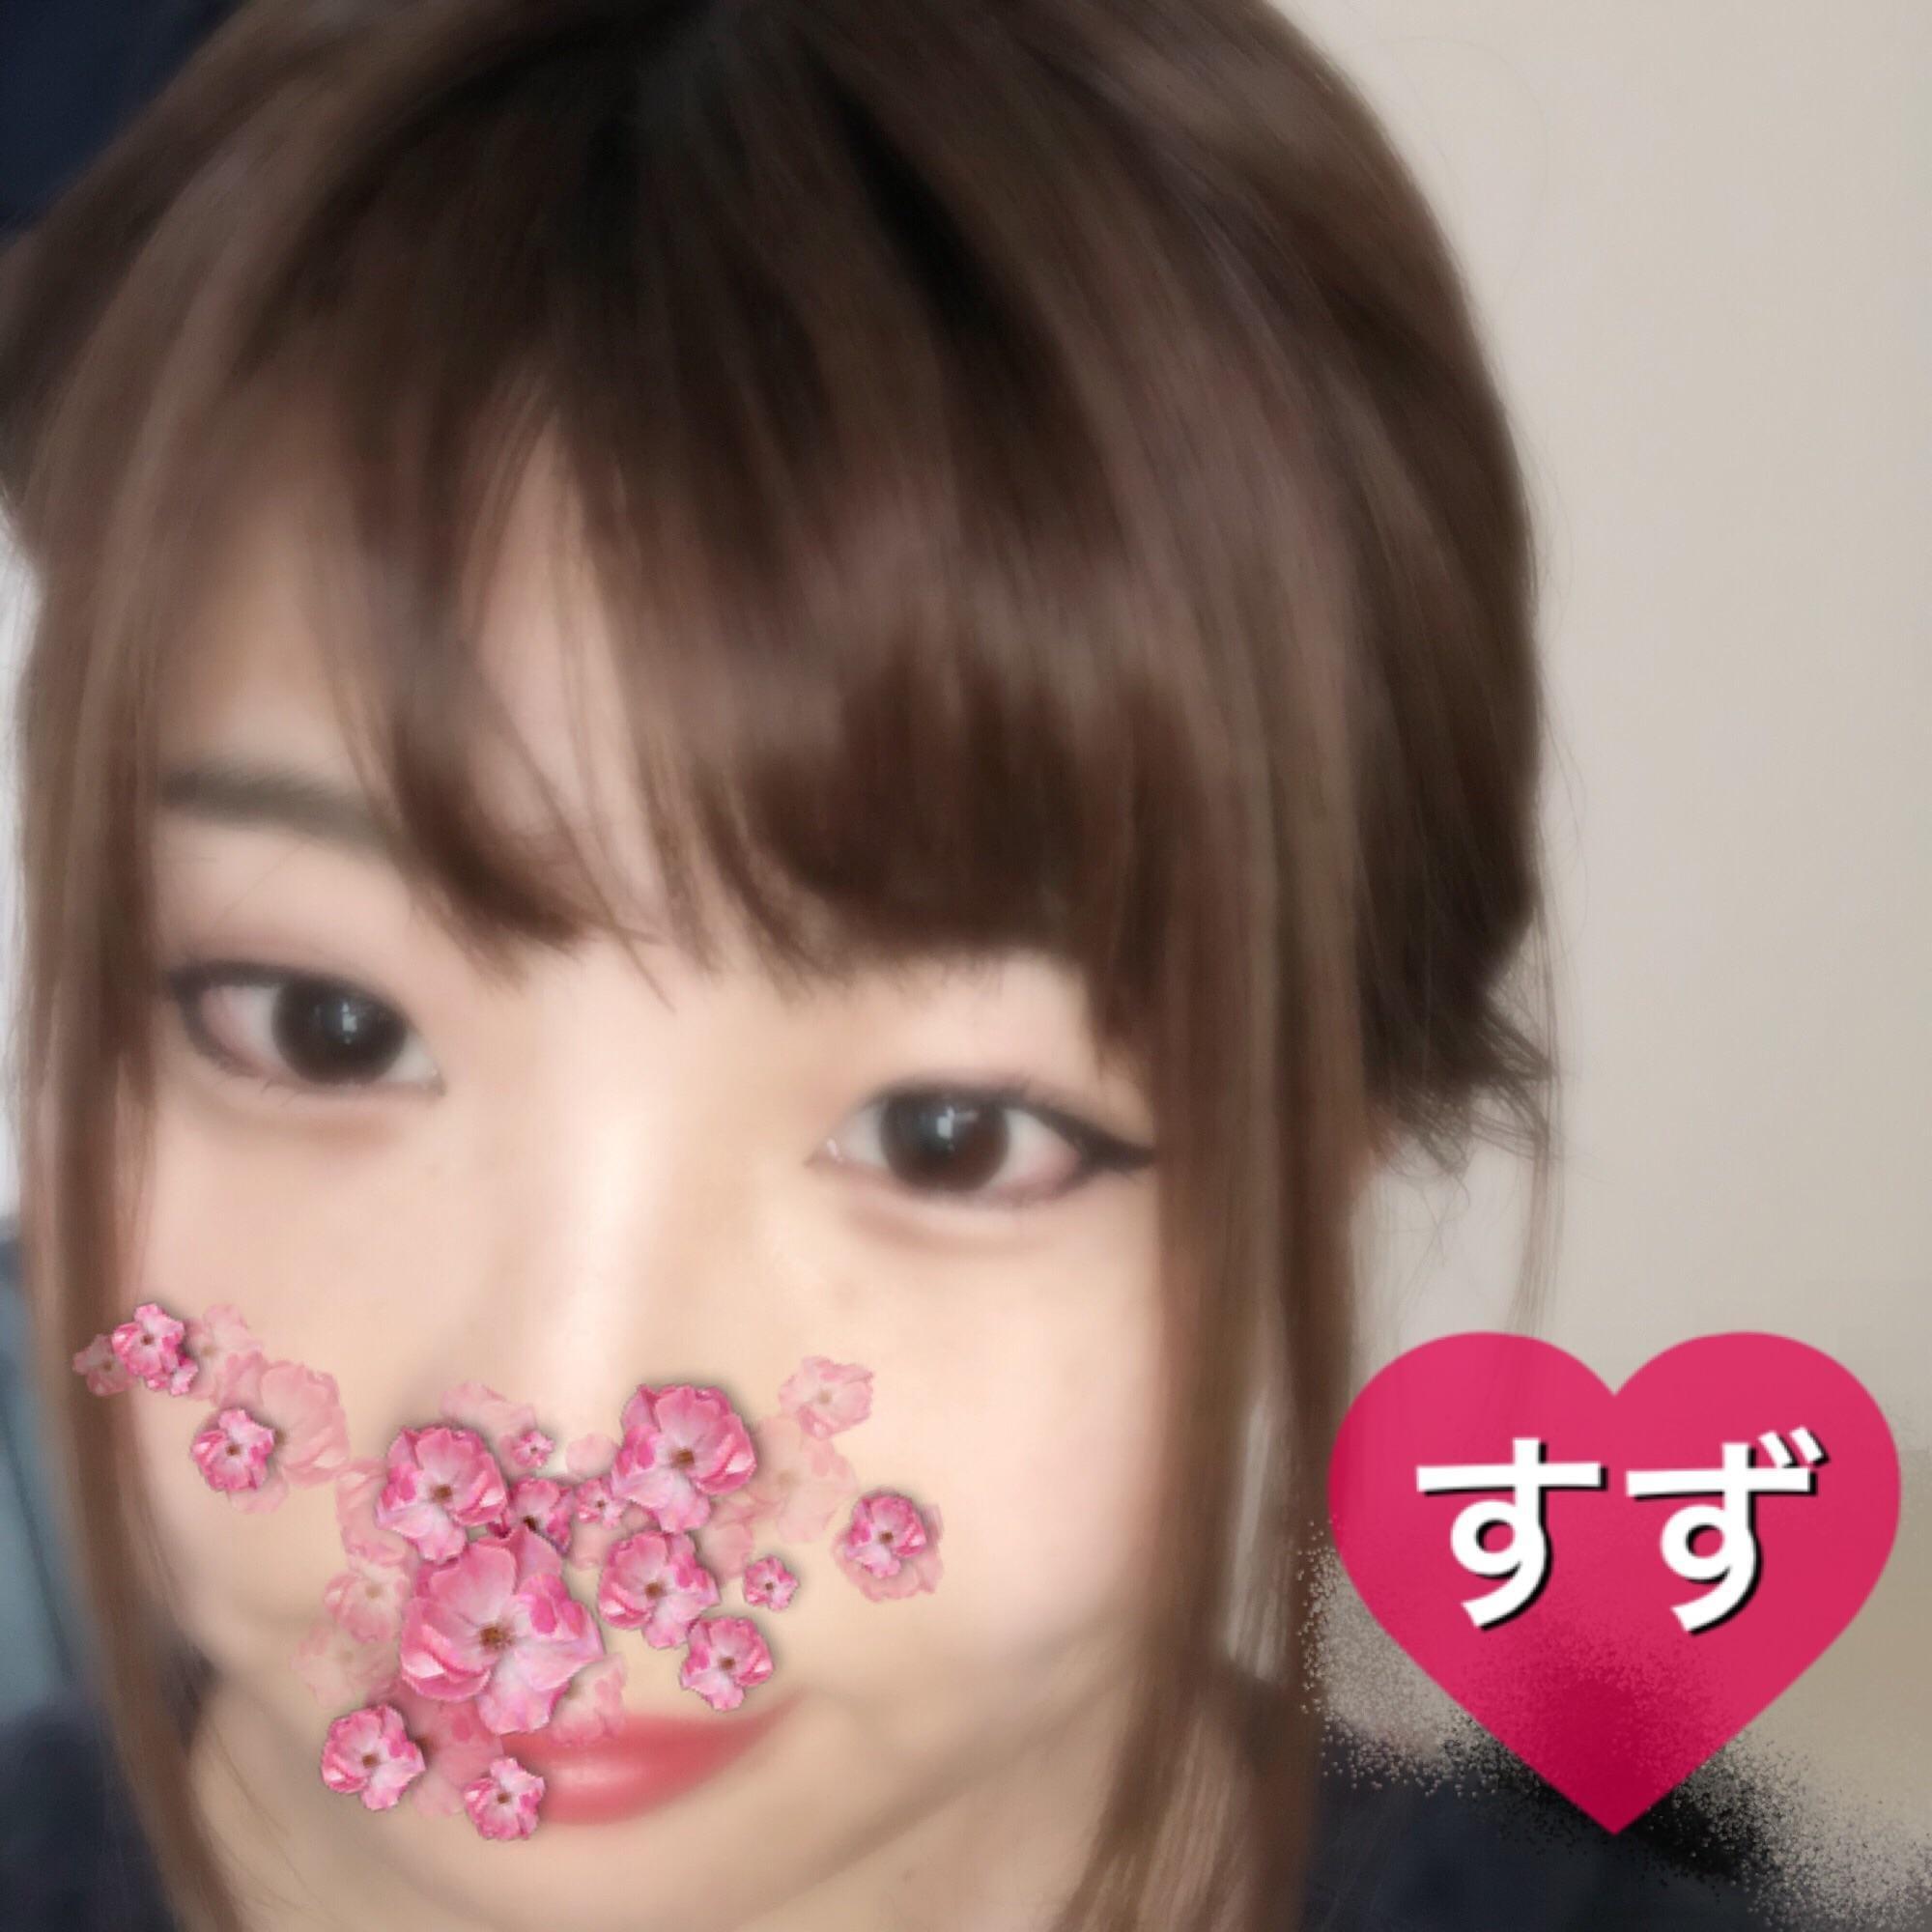 「Aさんありがとう☆11日」12/11日(火) 20:18 | すずの写メ・風俗動画